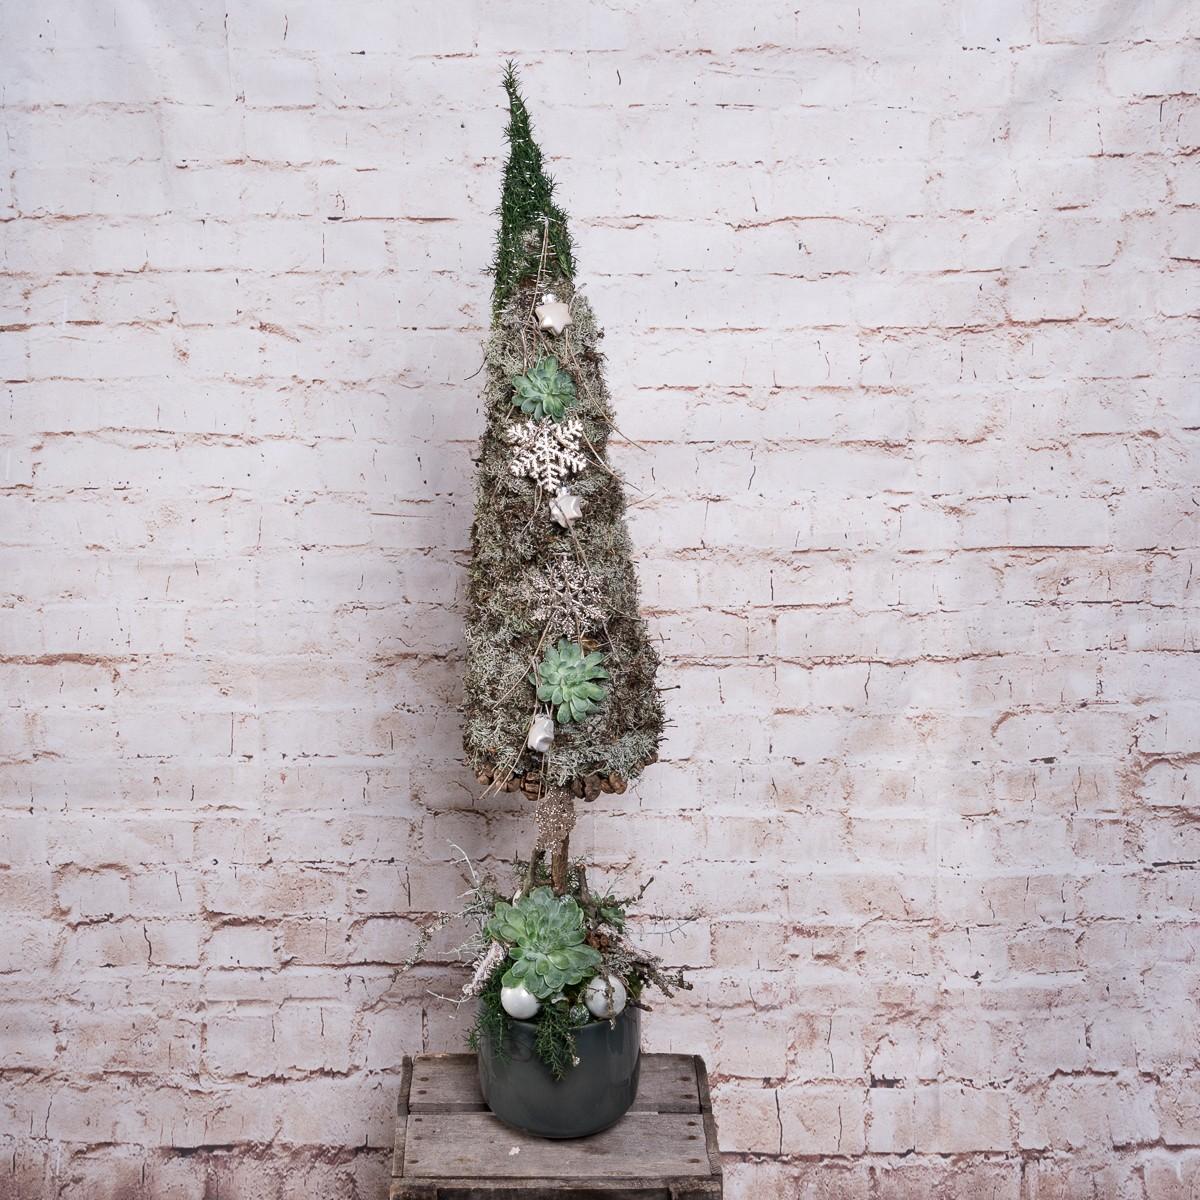 Gewickelter Baum weihnachtlich dekoriert Bild 1